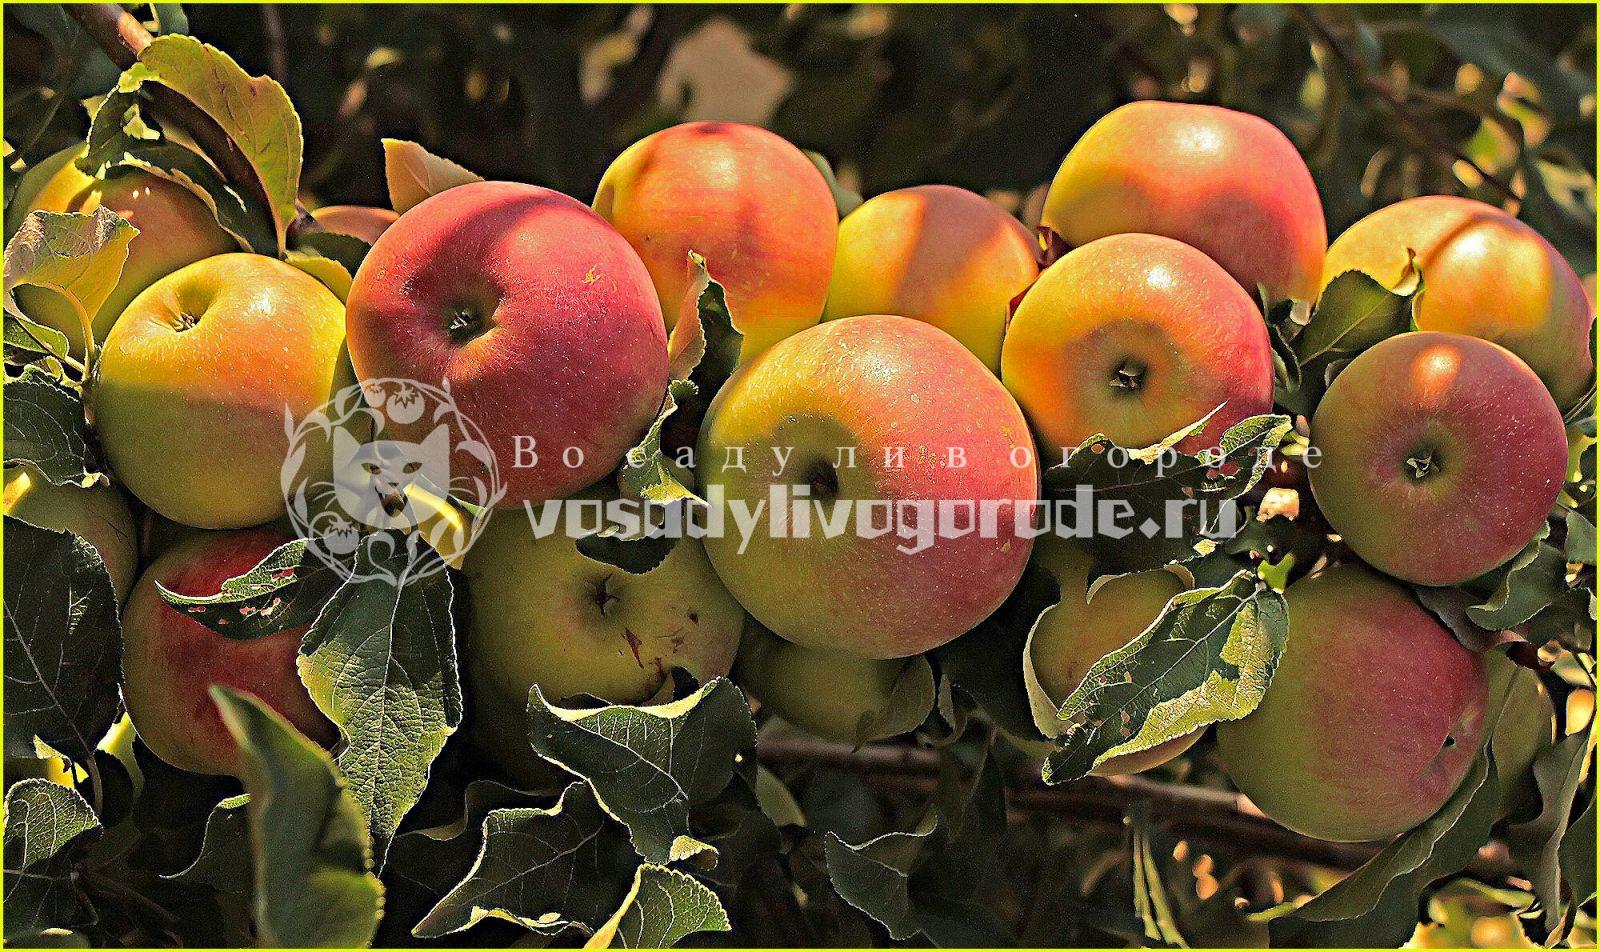 яблоки, яблоко, сорт, урожай, как выбрать, болезни